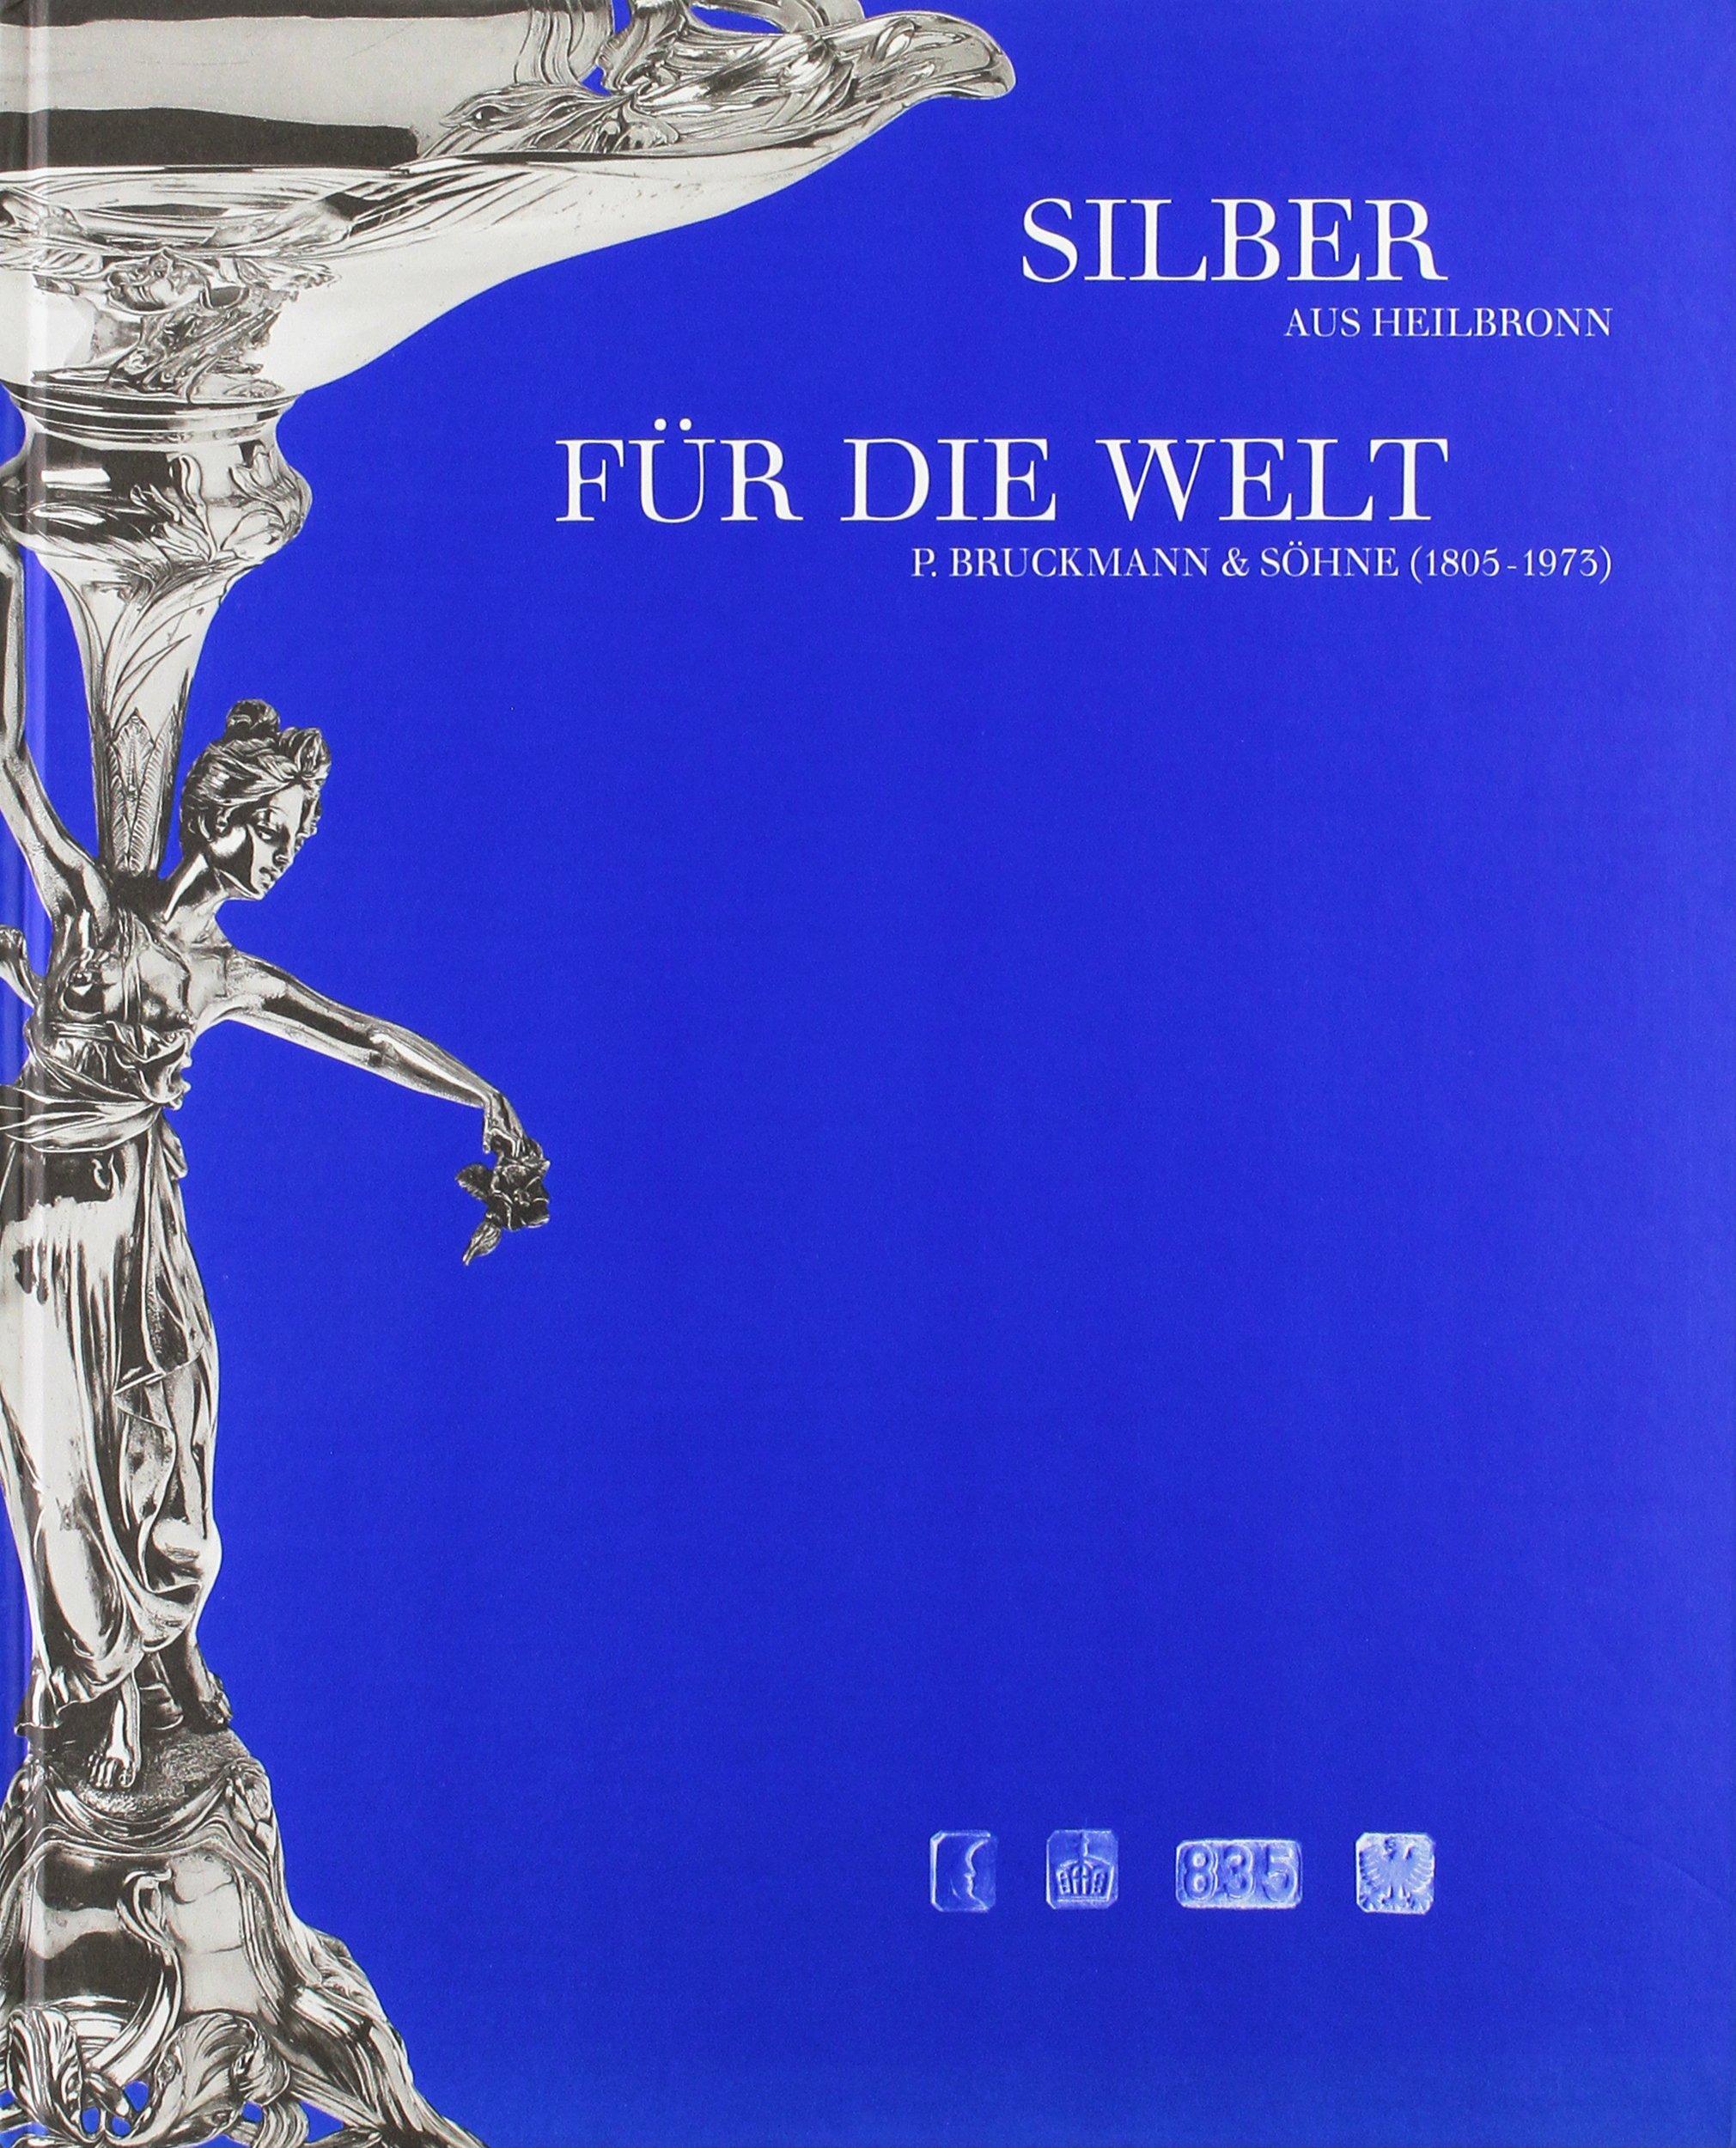 Silber aus Heilbronn für die Welt: P. Bruckmann & Söhne (1905-1973)